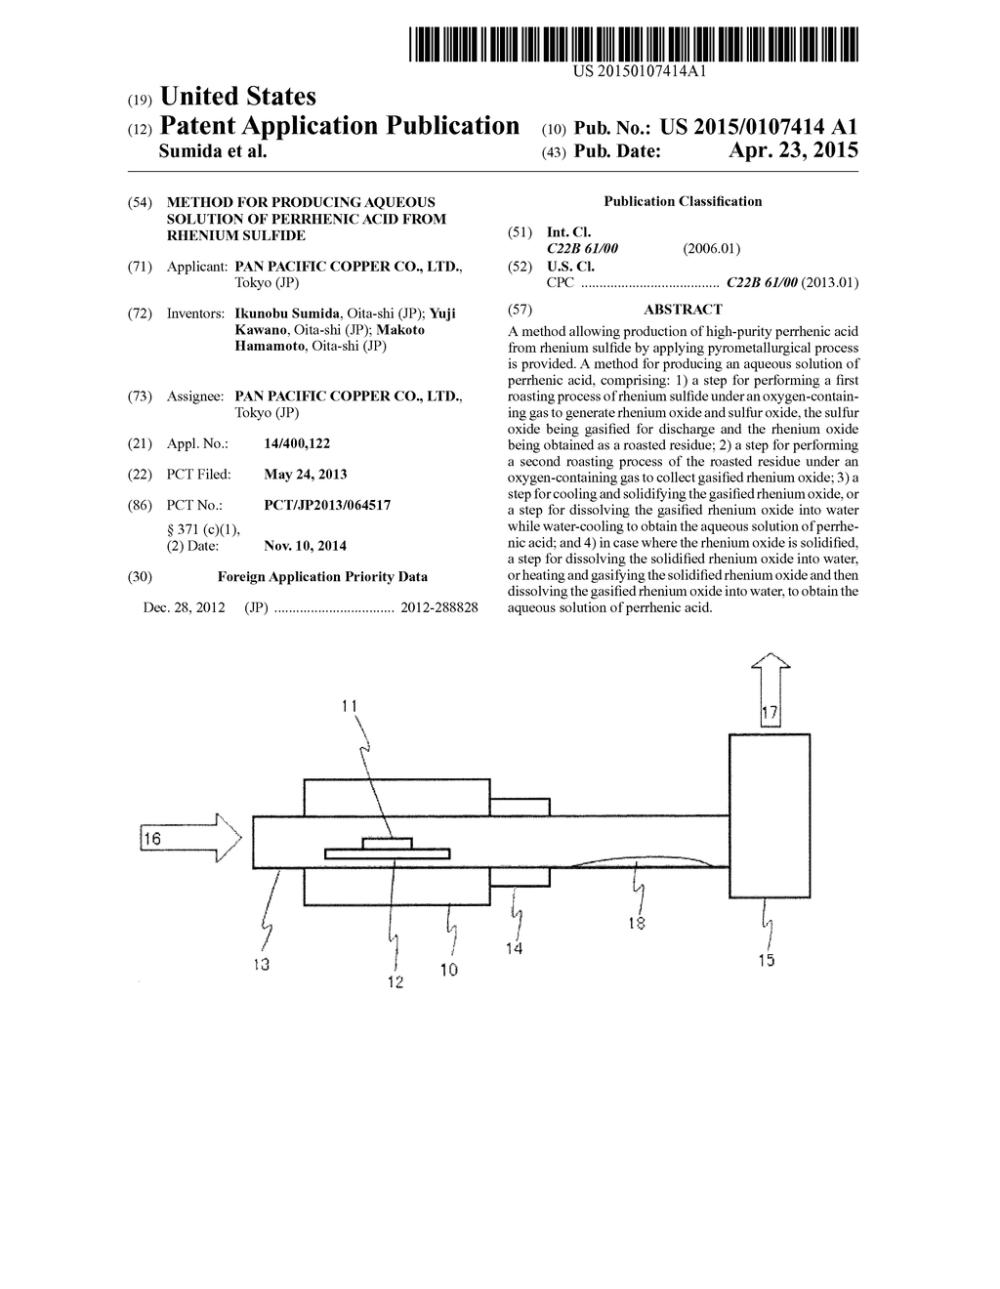 medium resolution of method for producing aqueous solution of perrhenic acid from rhenium sulfide diagram schematic and image 01